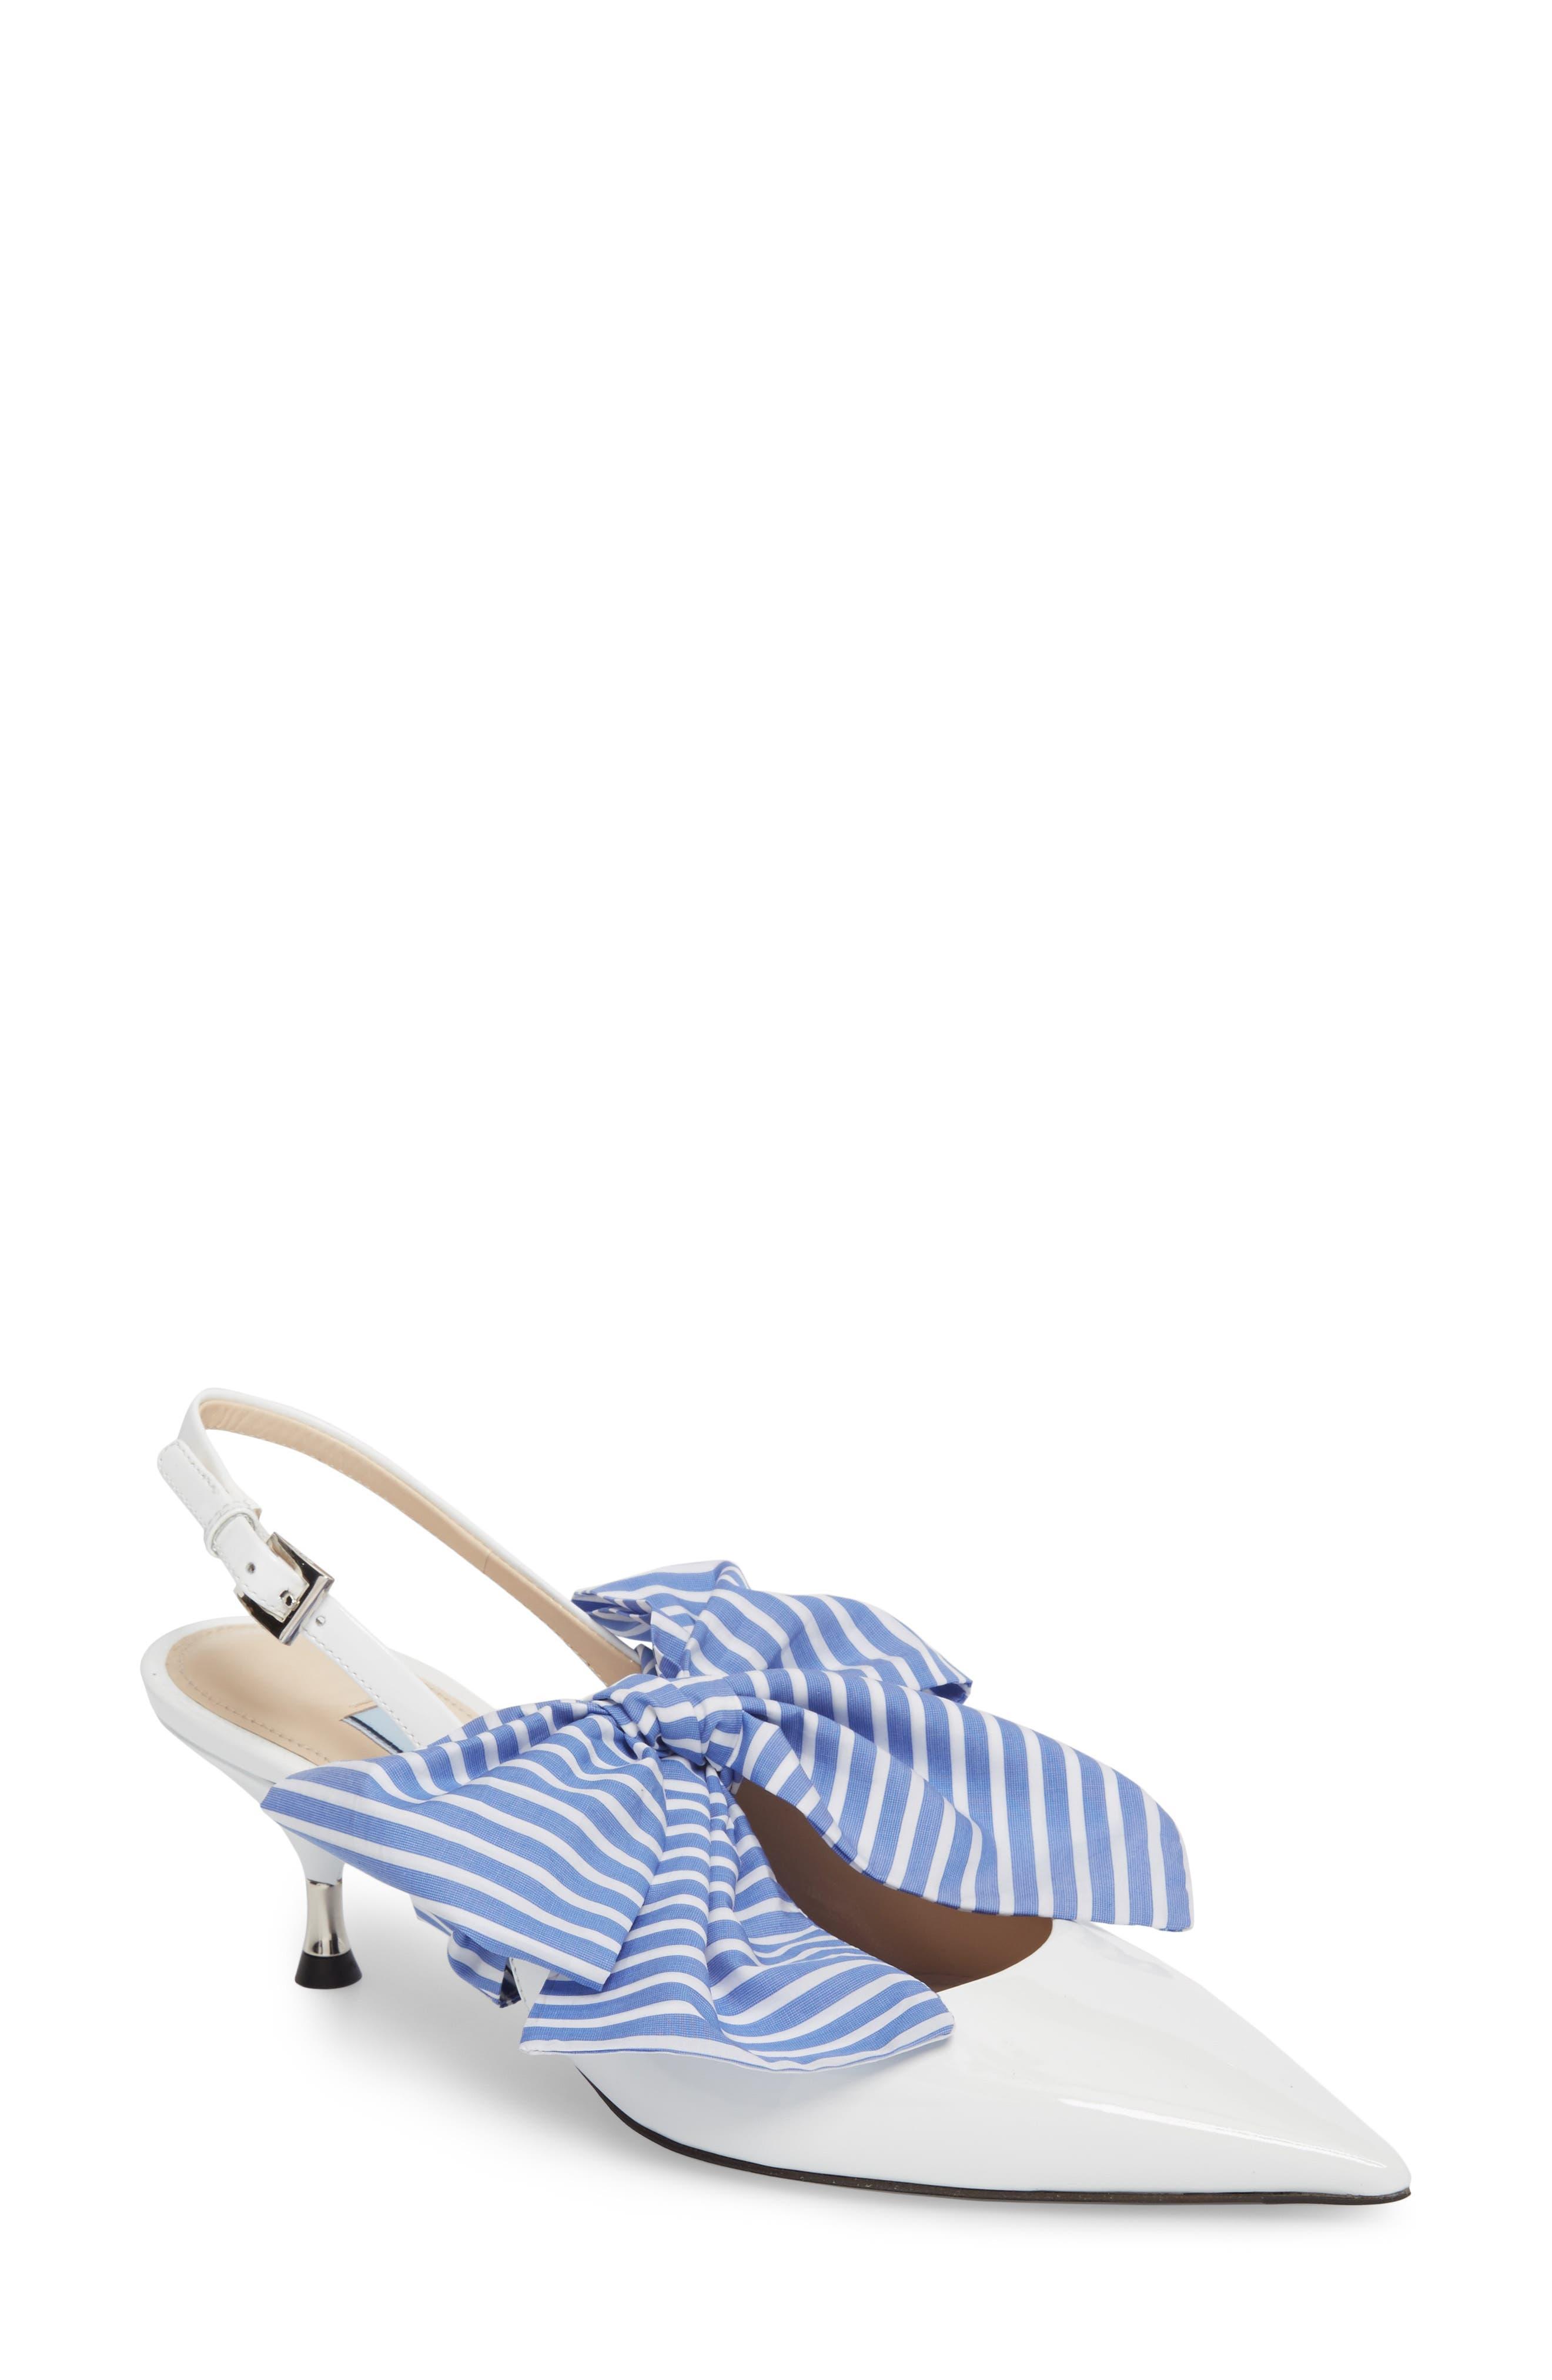 prada shoes 36136700 puma logo transparent